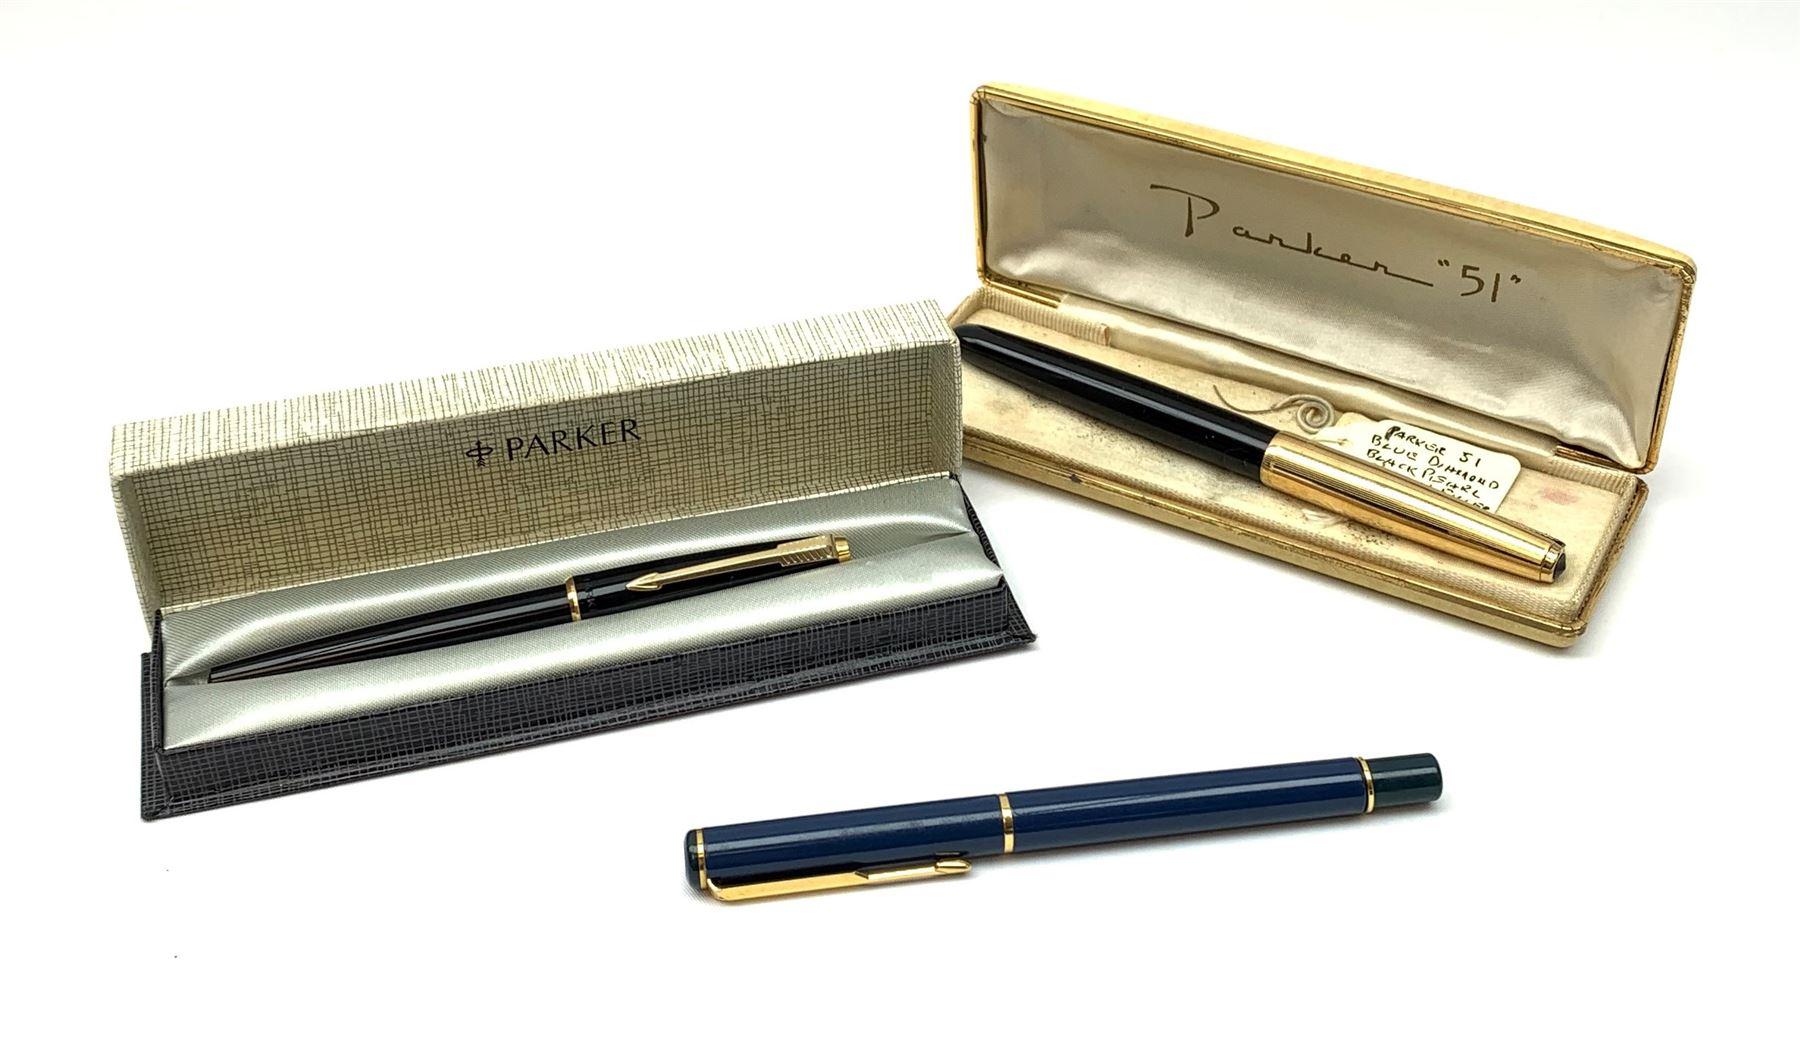 A Parker 51 fountain pen